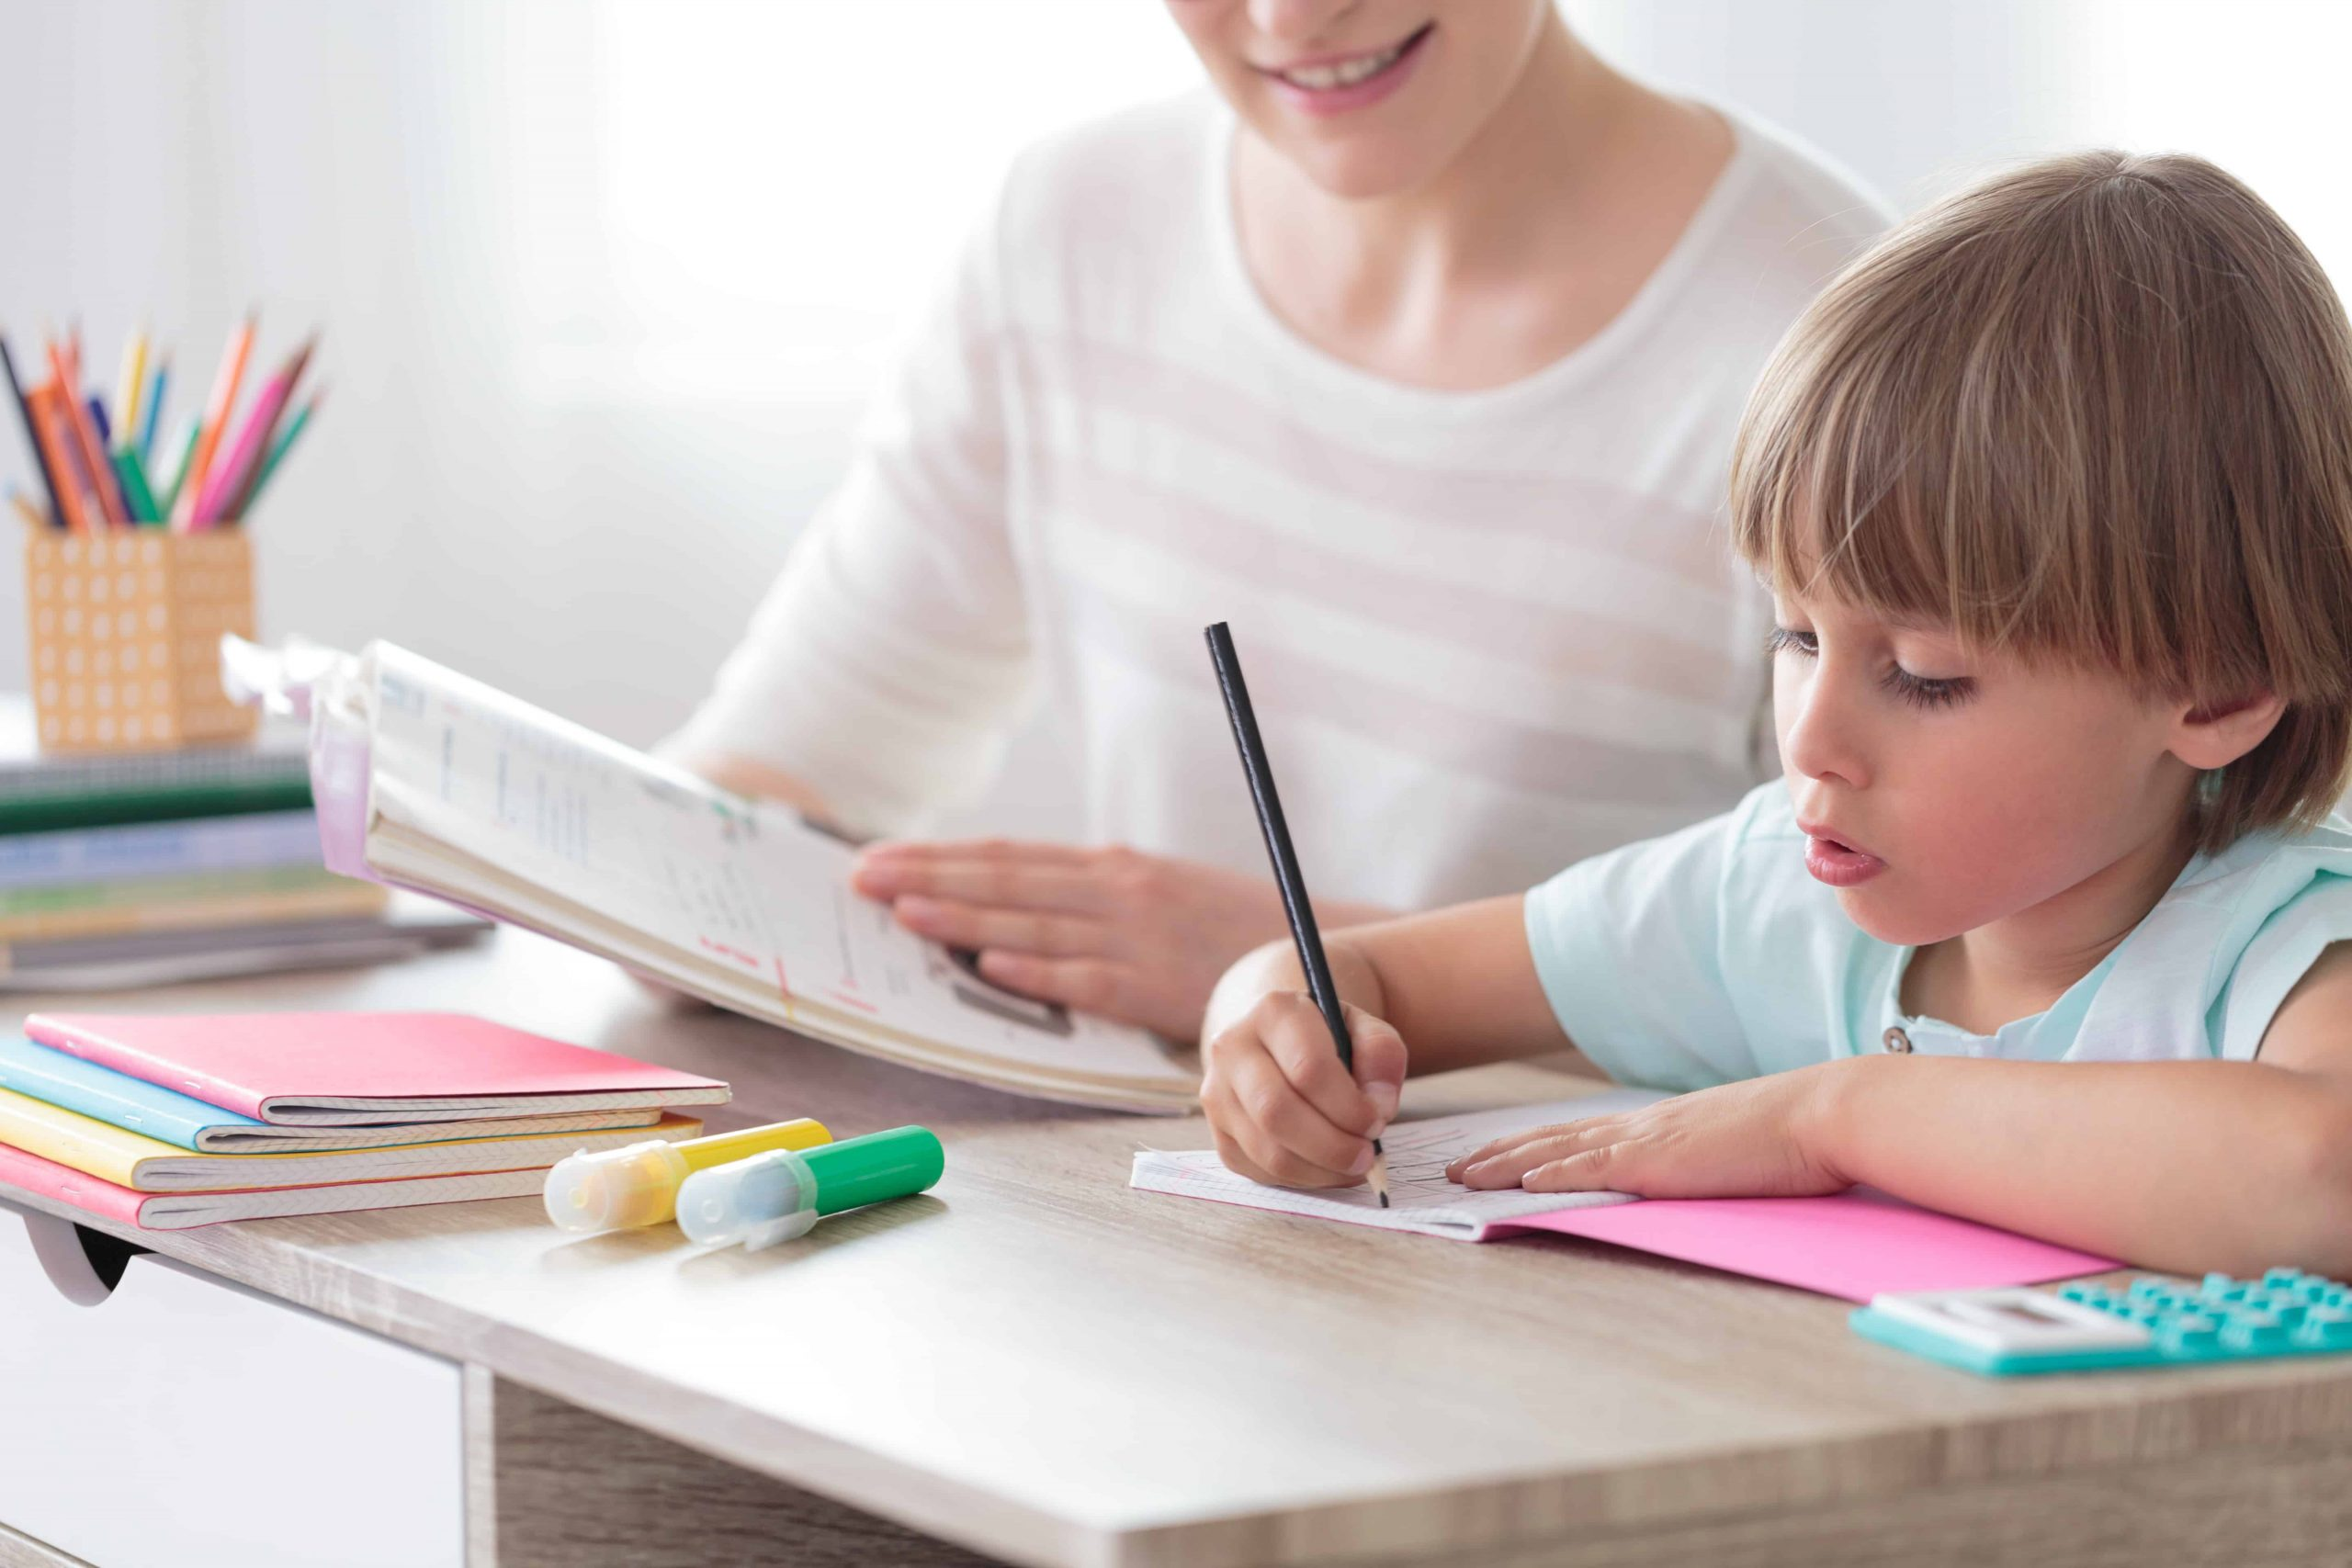 Kinderschreibtisch: Test & Empfehlungen (04/21)